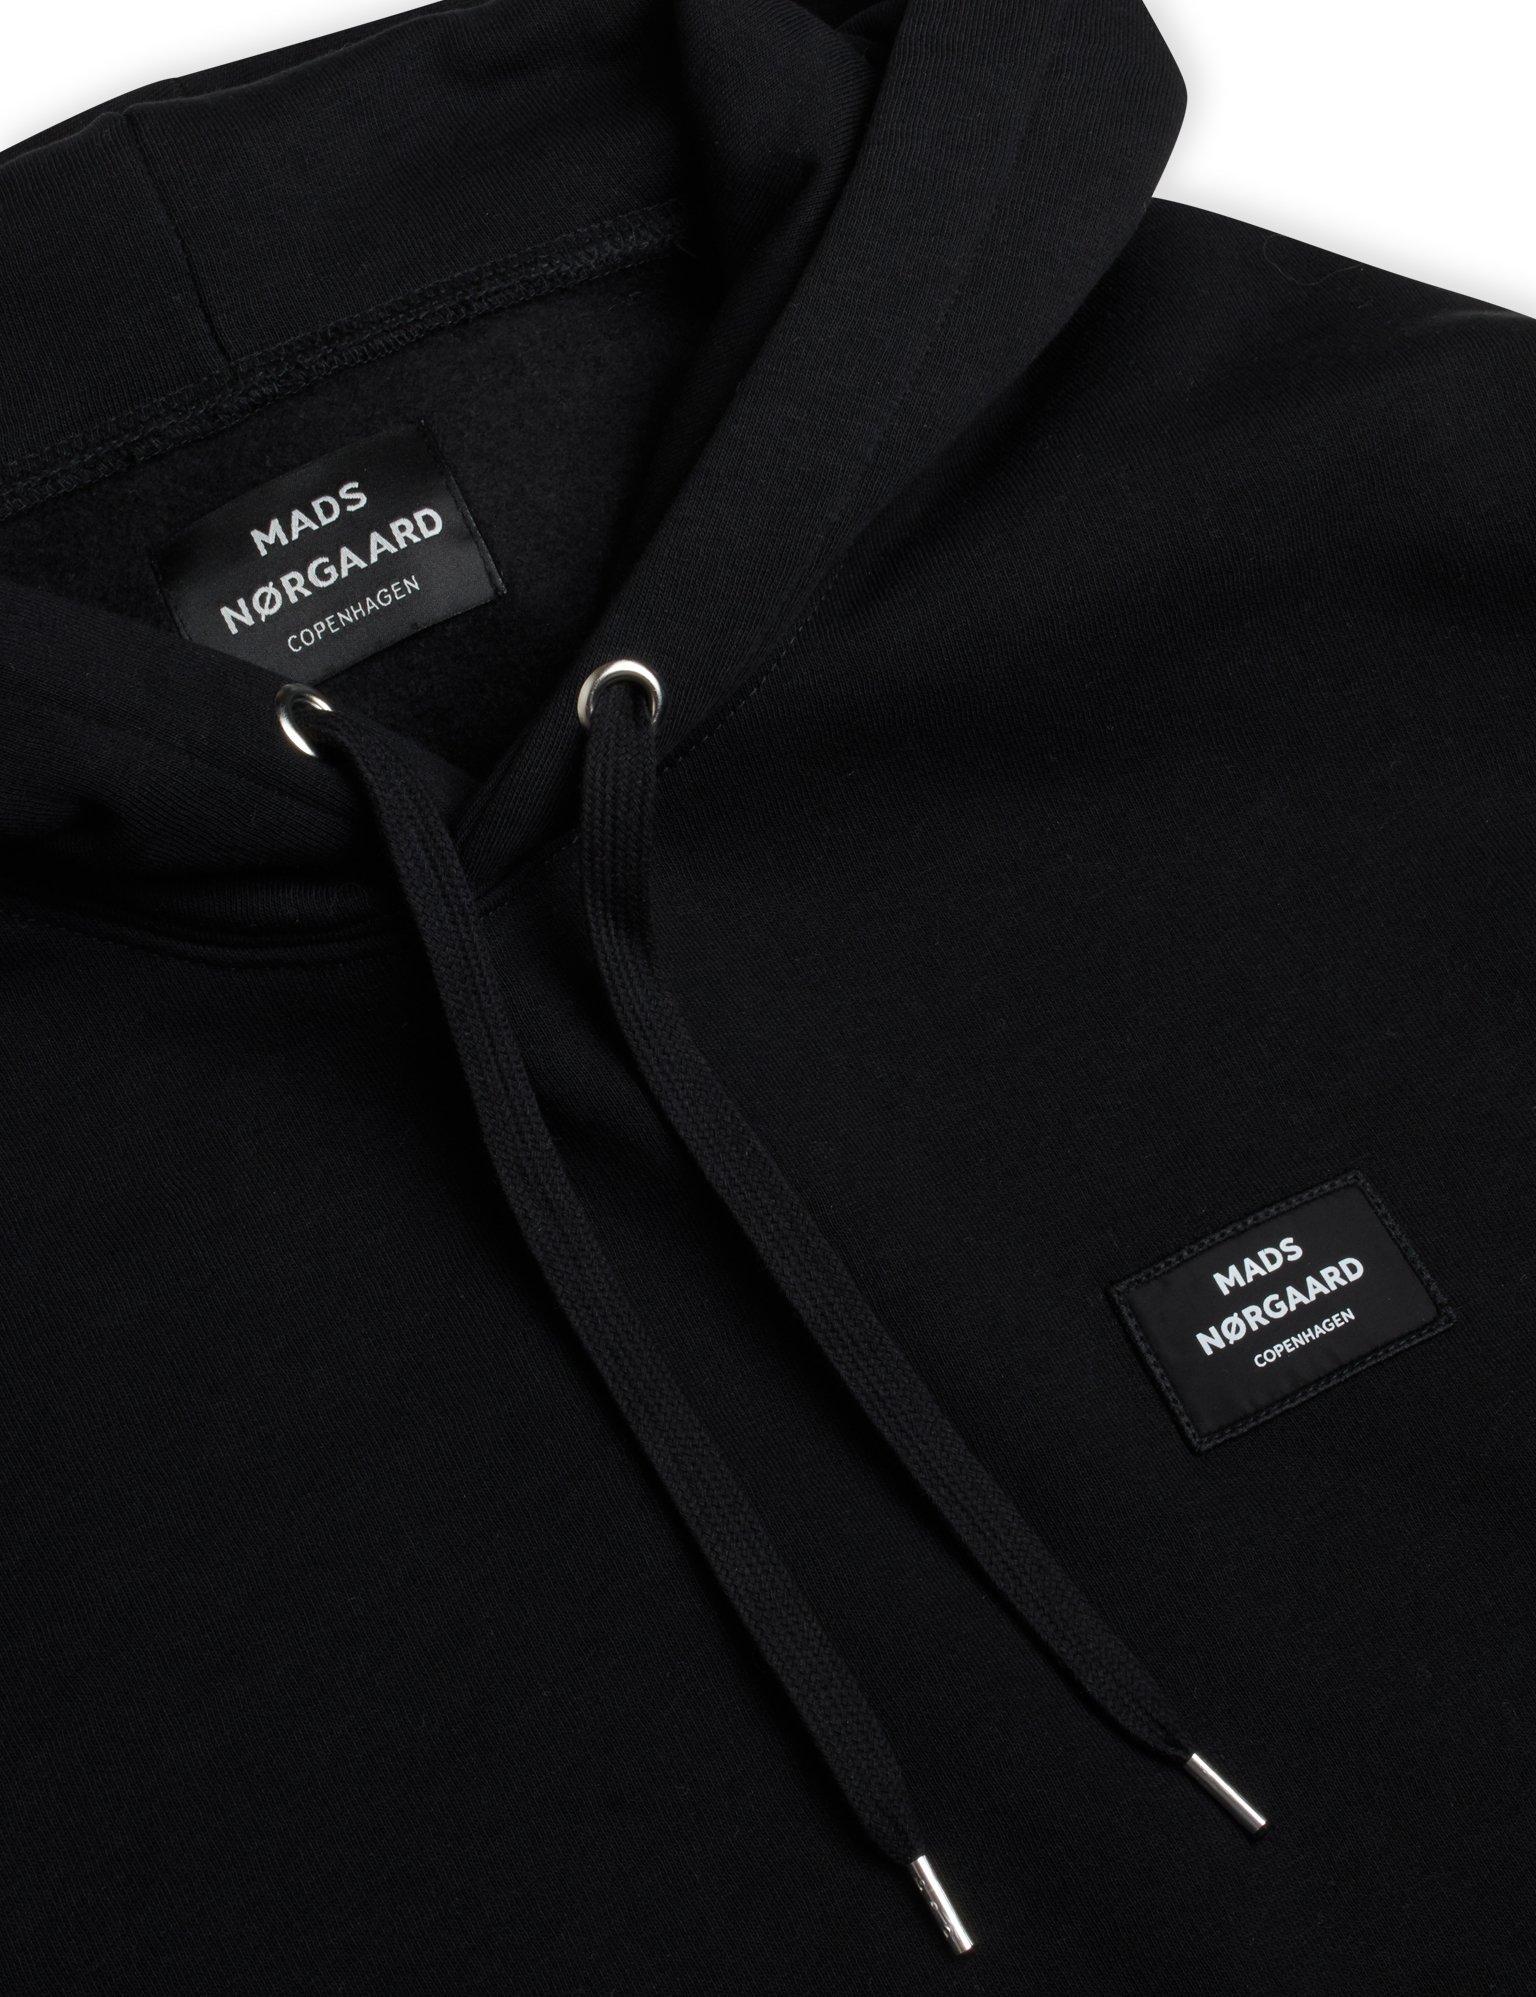 Mads Nørgaard New Standard badge hoodie, black, medium